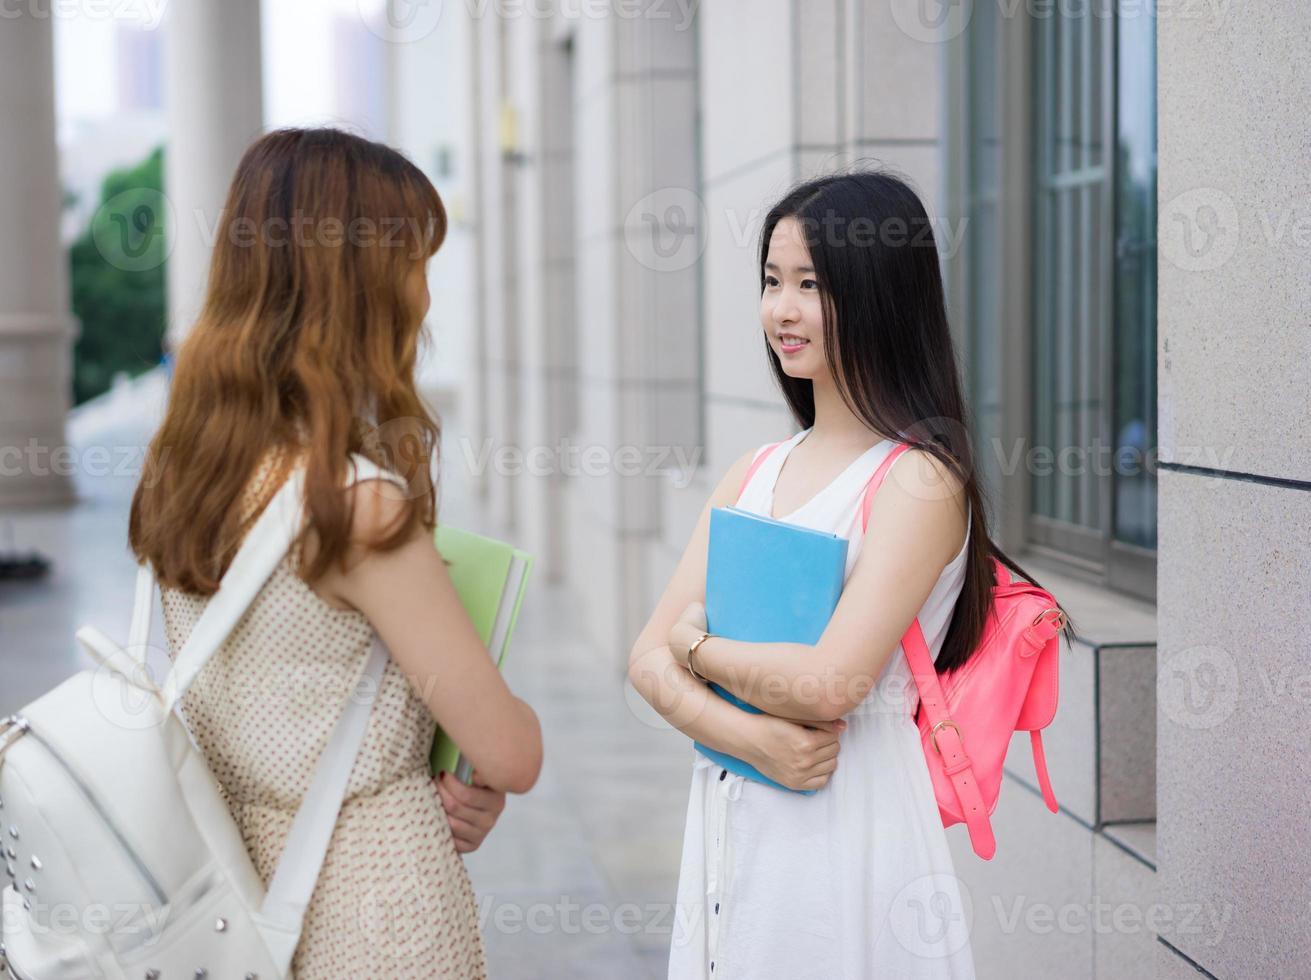 étudiantes asiatiques photo